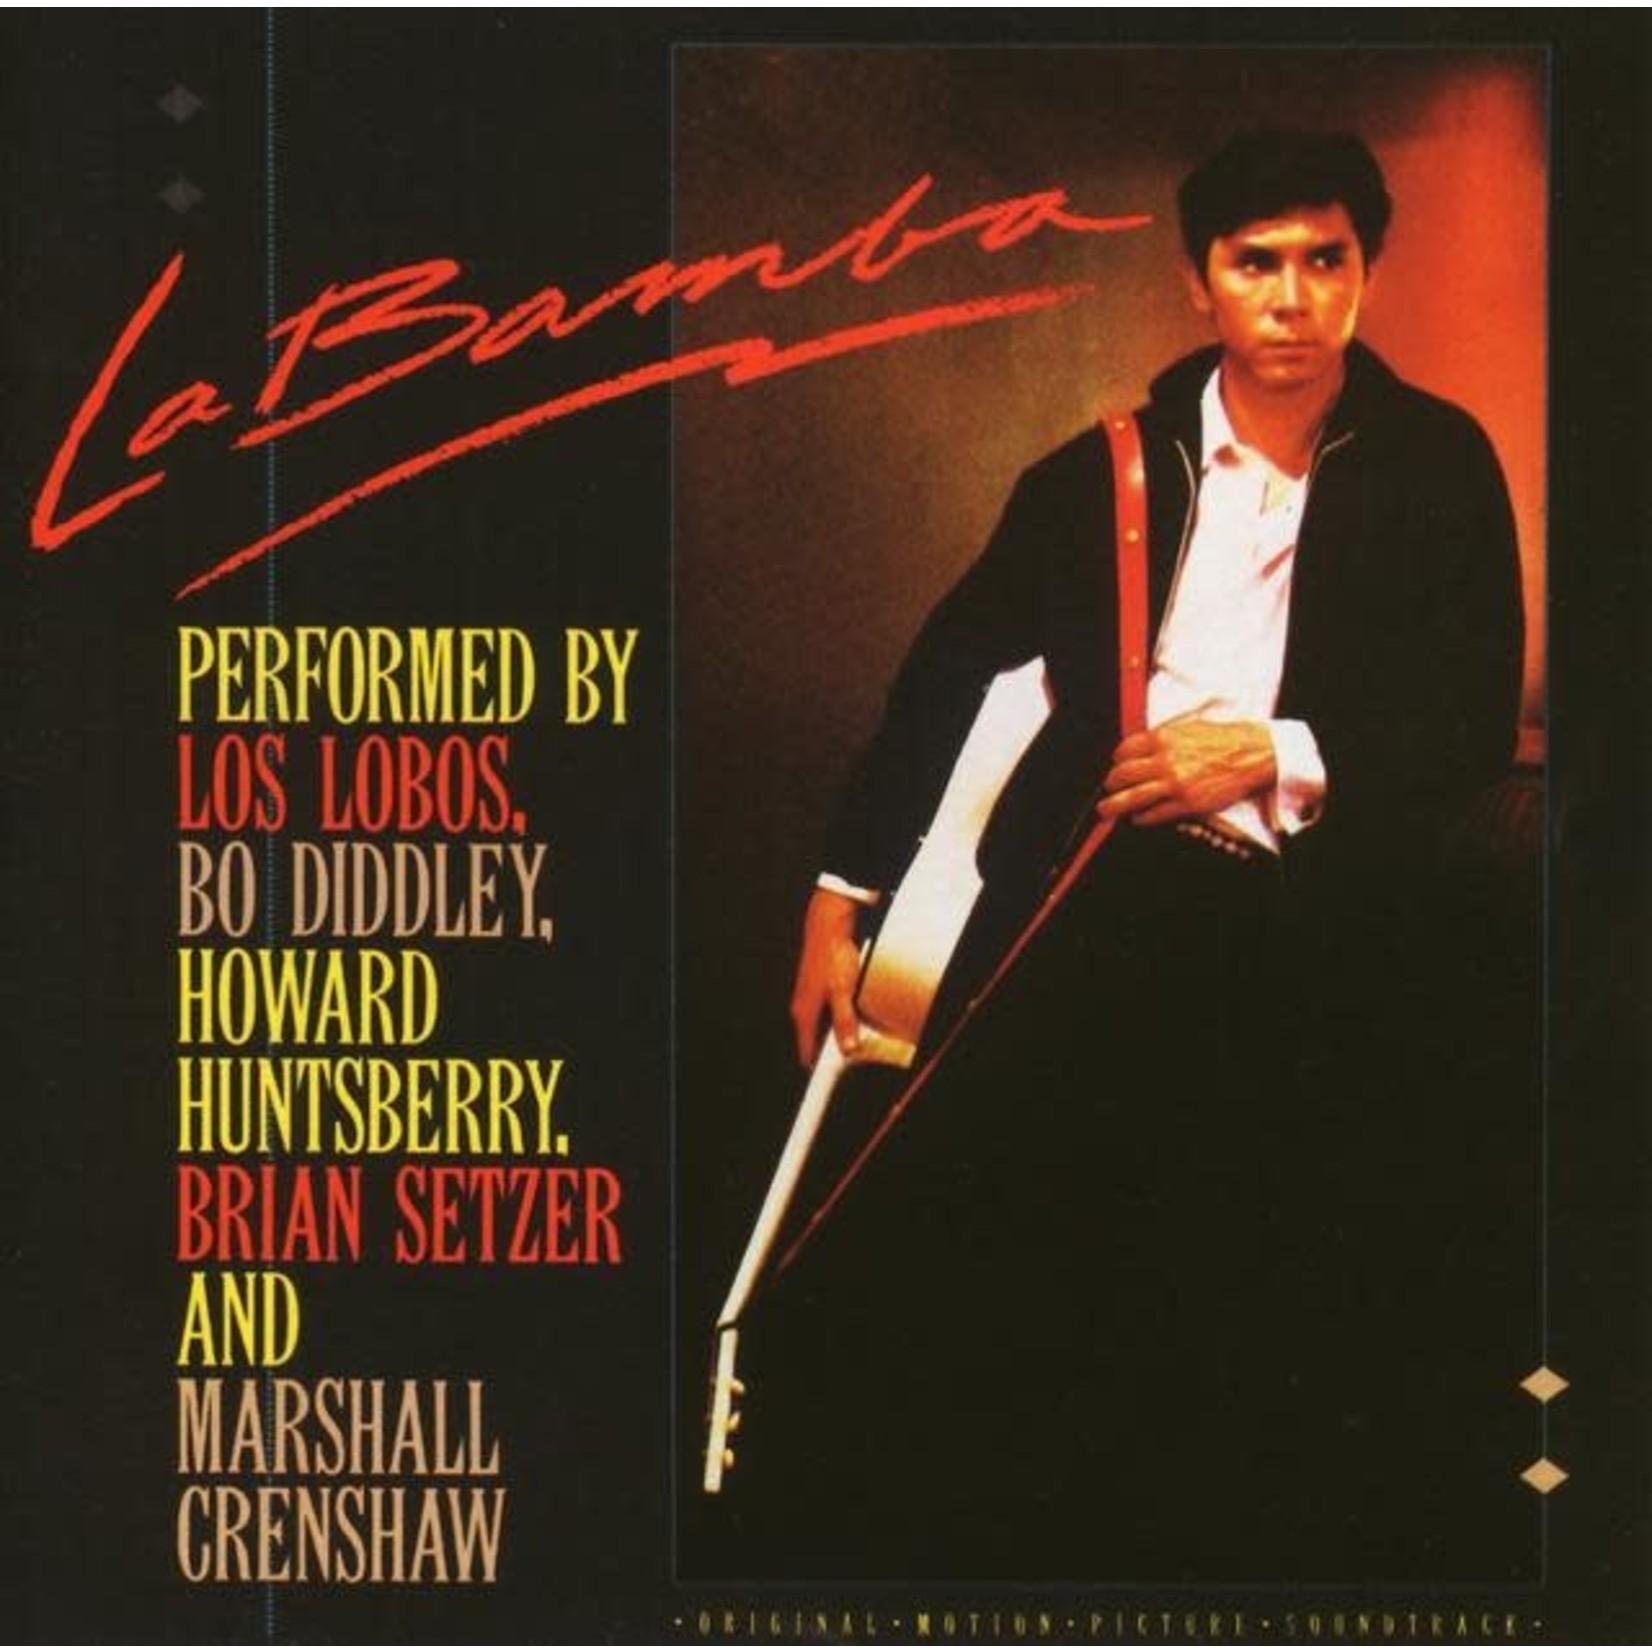 [Vintage] Various: La Bamba (Soundtrack)